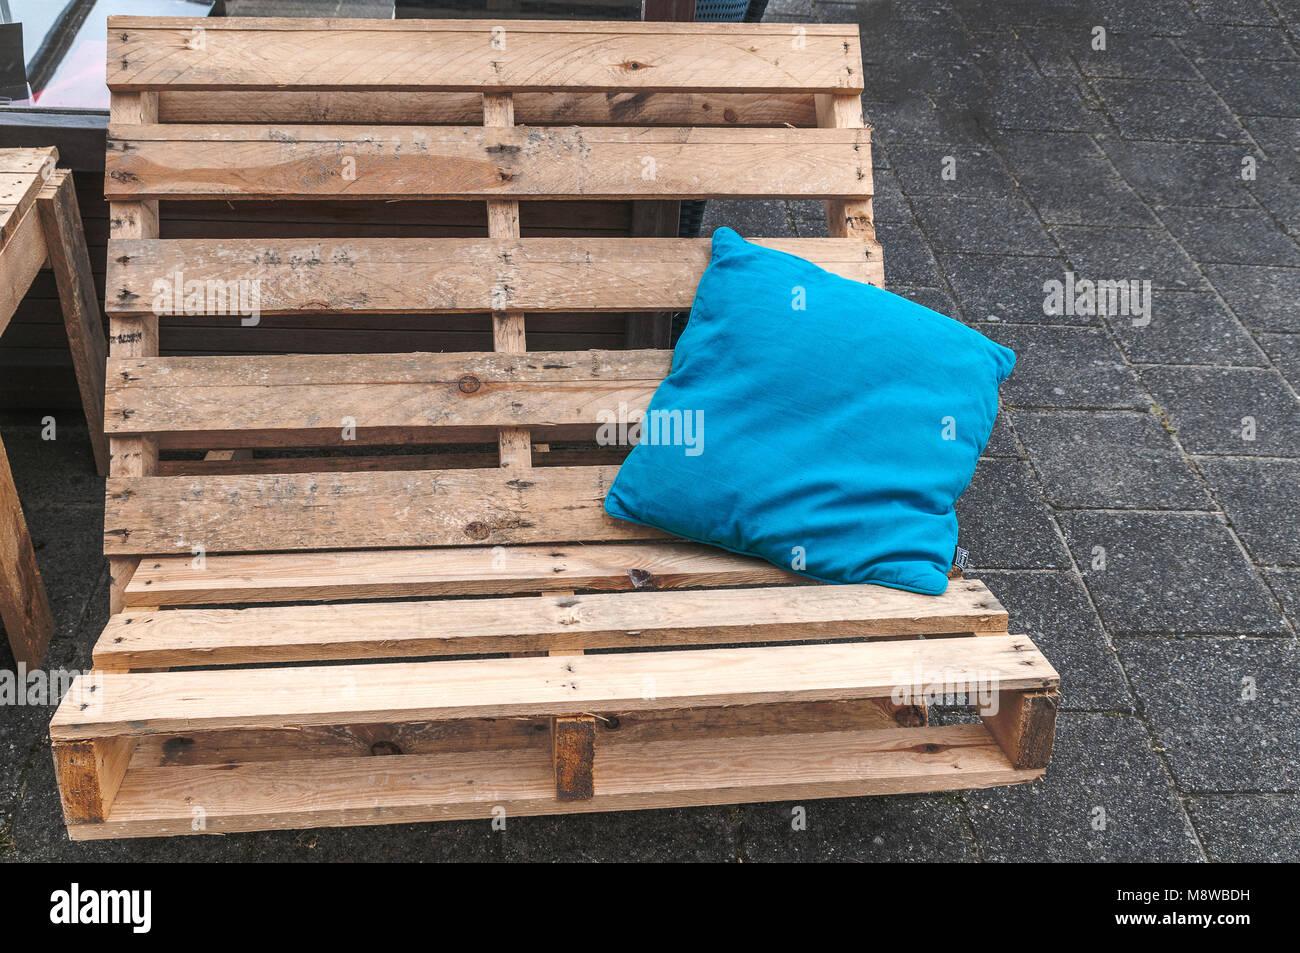 Banco De Palets Con Un Cojin Azul Situado En La Parte Superior Foto - Banco-de-palets